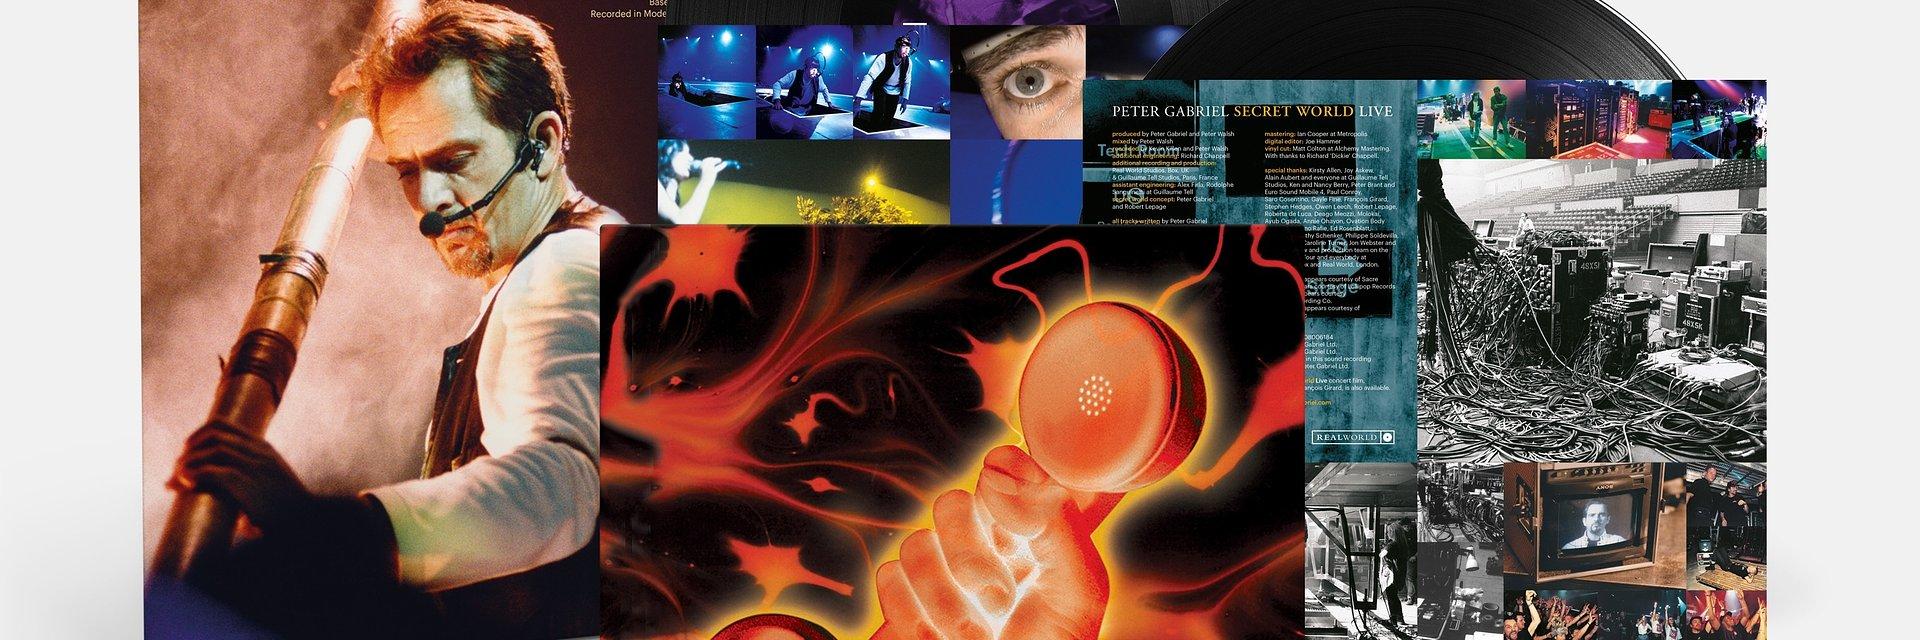 """""""Secret World Live"""" Petera Gabriela po raz pierwszy na winylu!"""